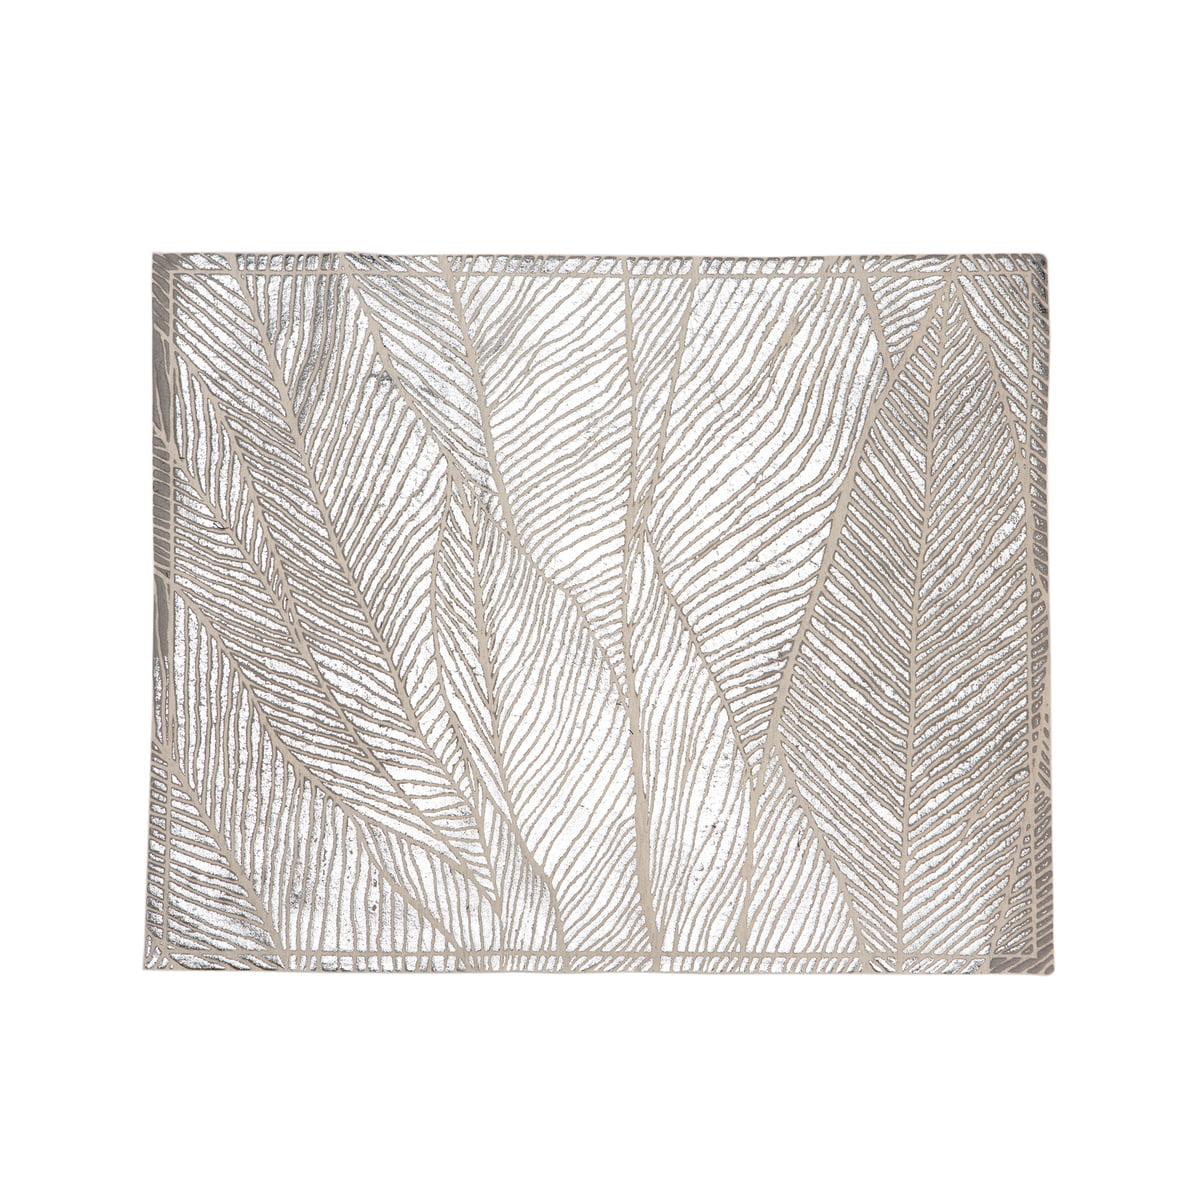 Mika Barr - TischsetPinion, 50 x 40 cm, silber | Heimtextilien > Tischdecken und Co > Tisch-Sets | Silber | Mika Barr